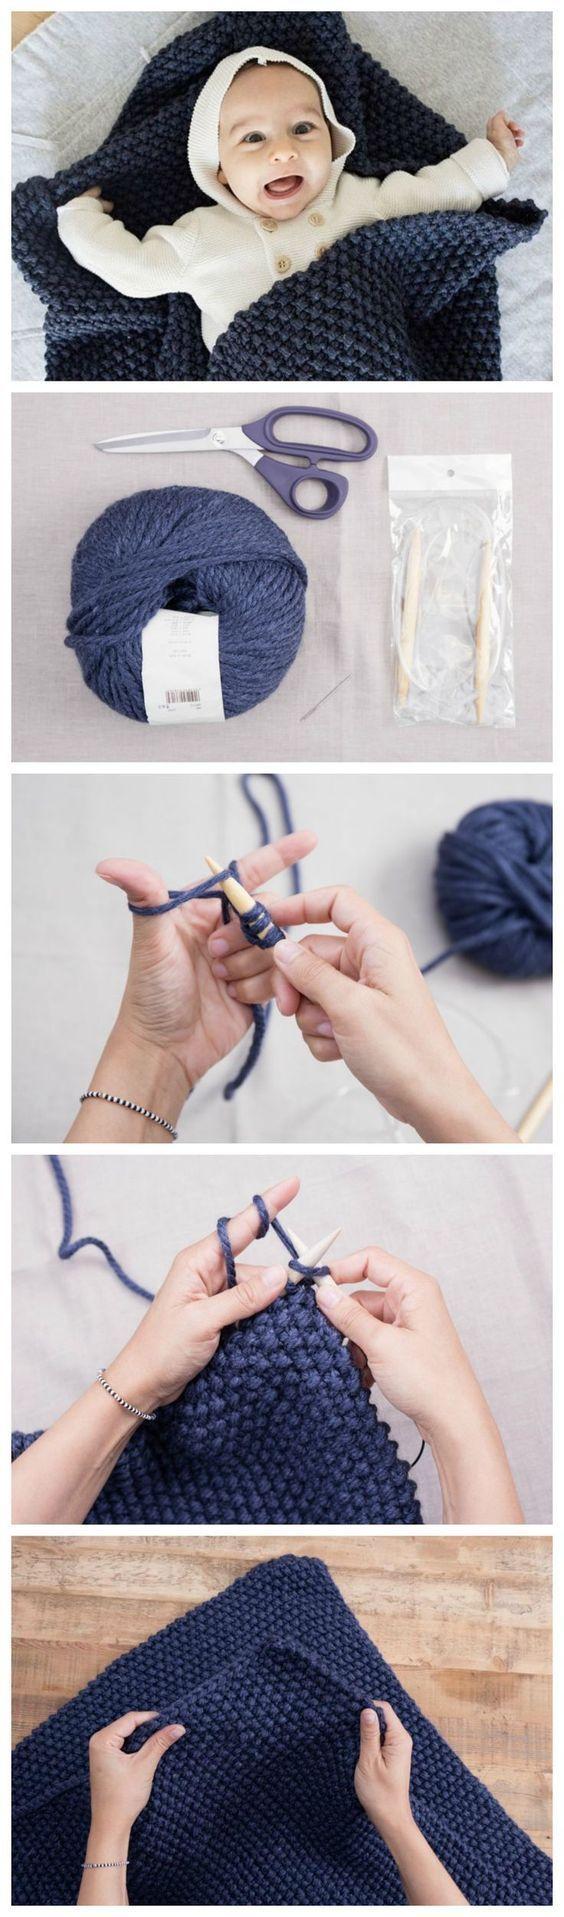 Kostenlose Strickanleitung: Babydecke mit Perlmuster stricken / free diy knitting tutorial via DaWanda.com